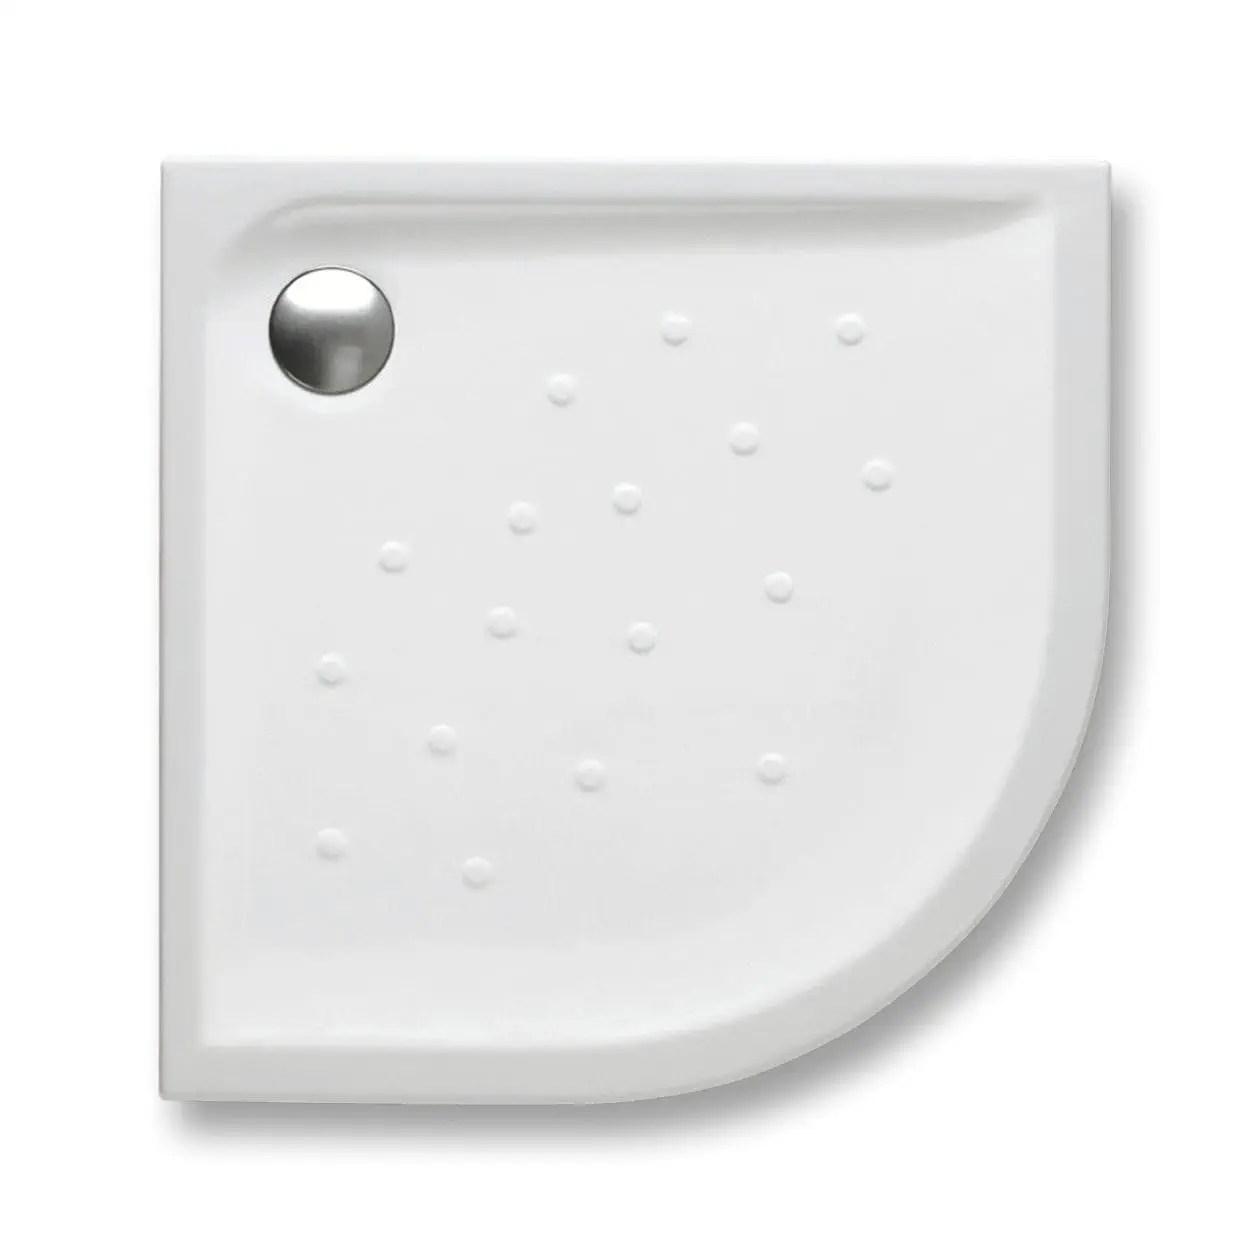 Corner Shower Base Malta Roca Floor Level Porcelain Non Slip